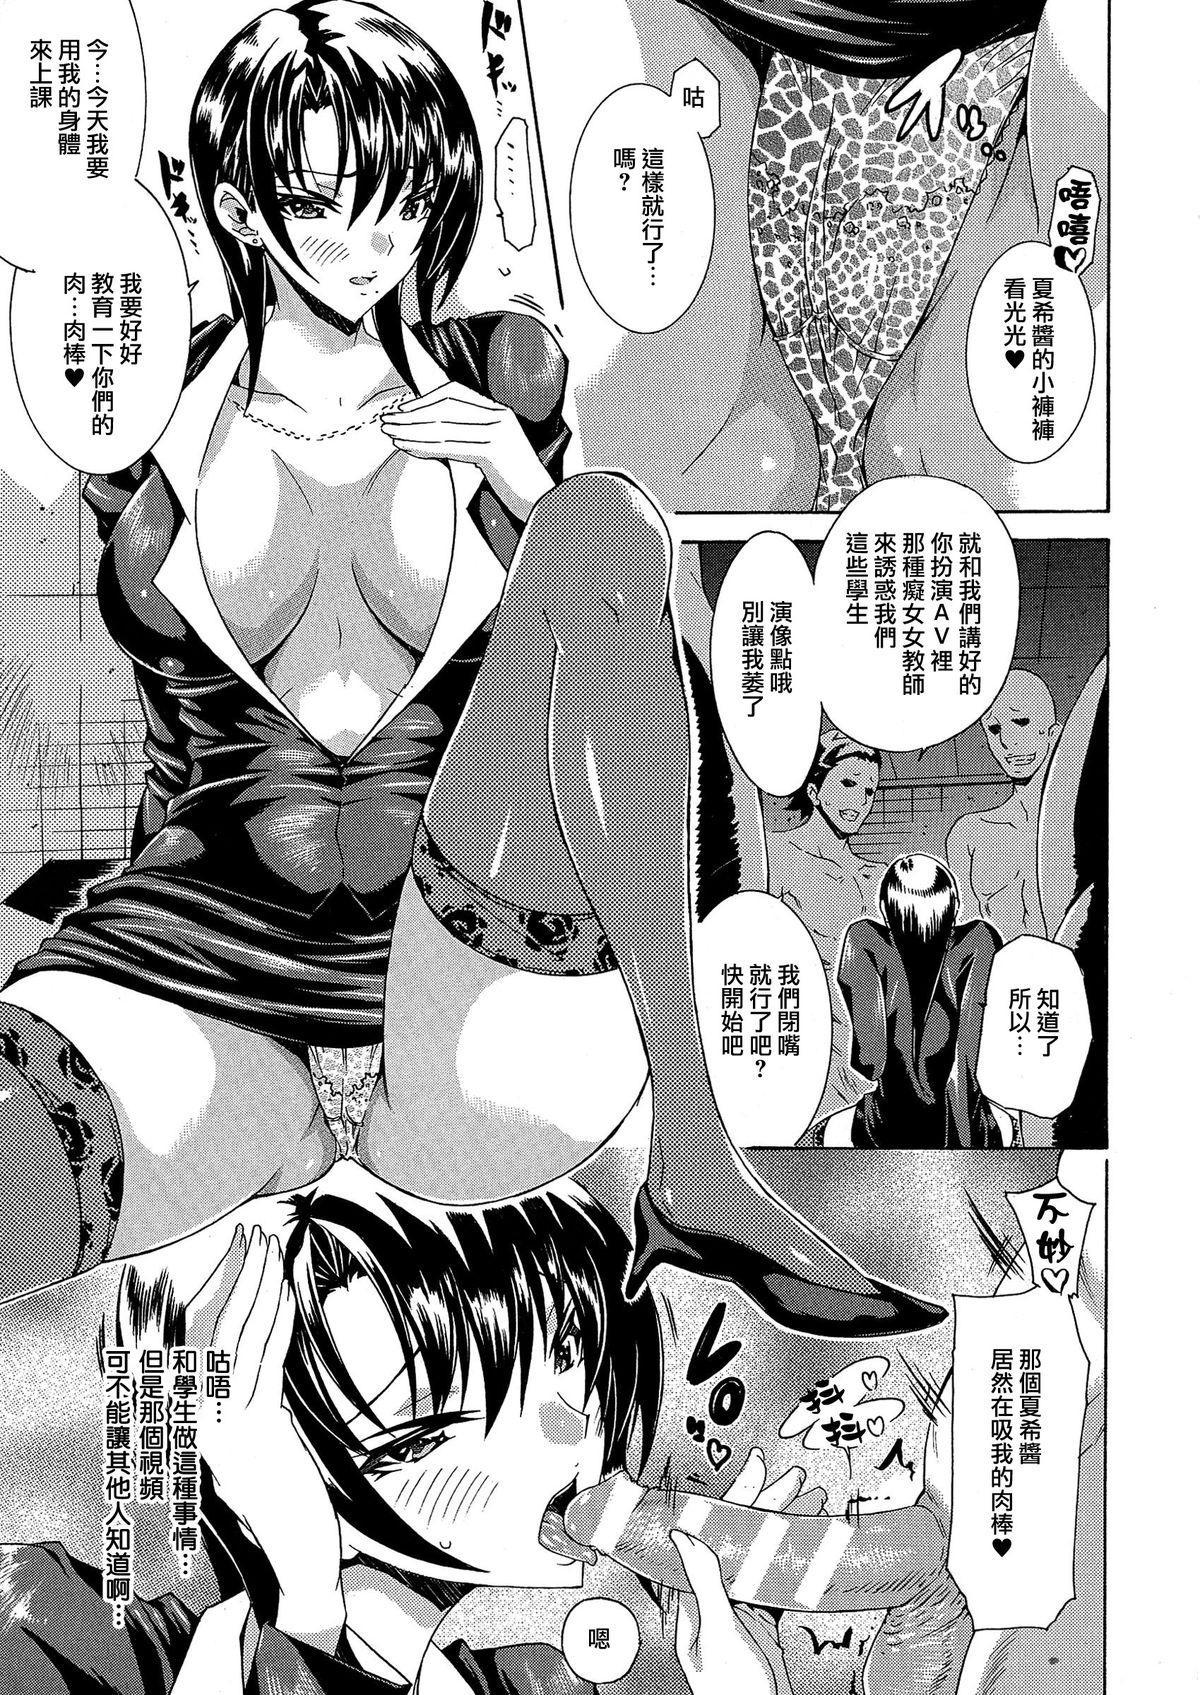 Kachiki na Onna ga Buzama na Ahegao o Sarasu Made 69